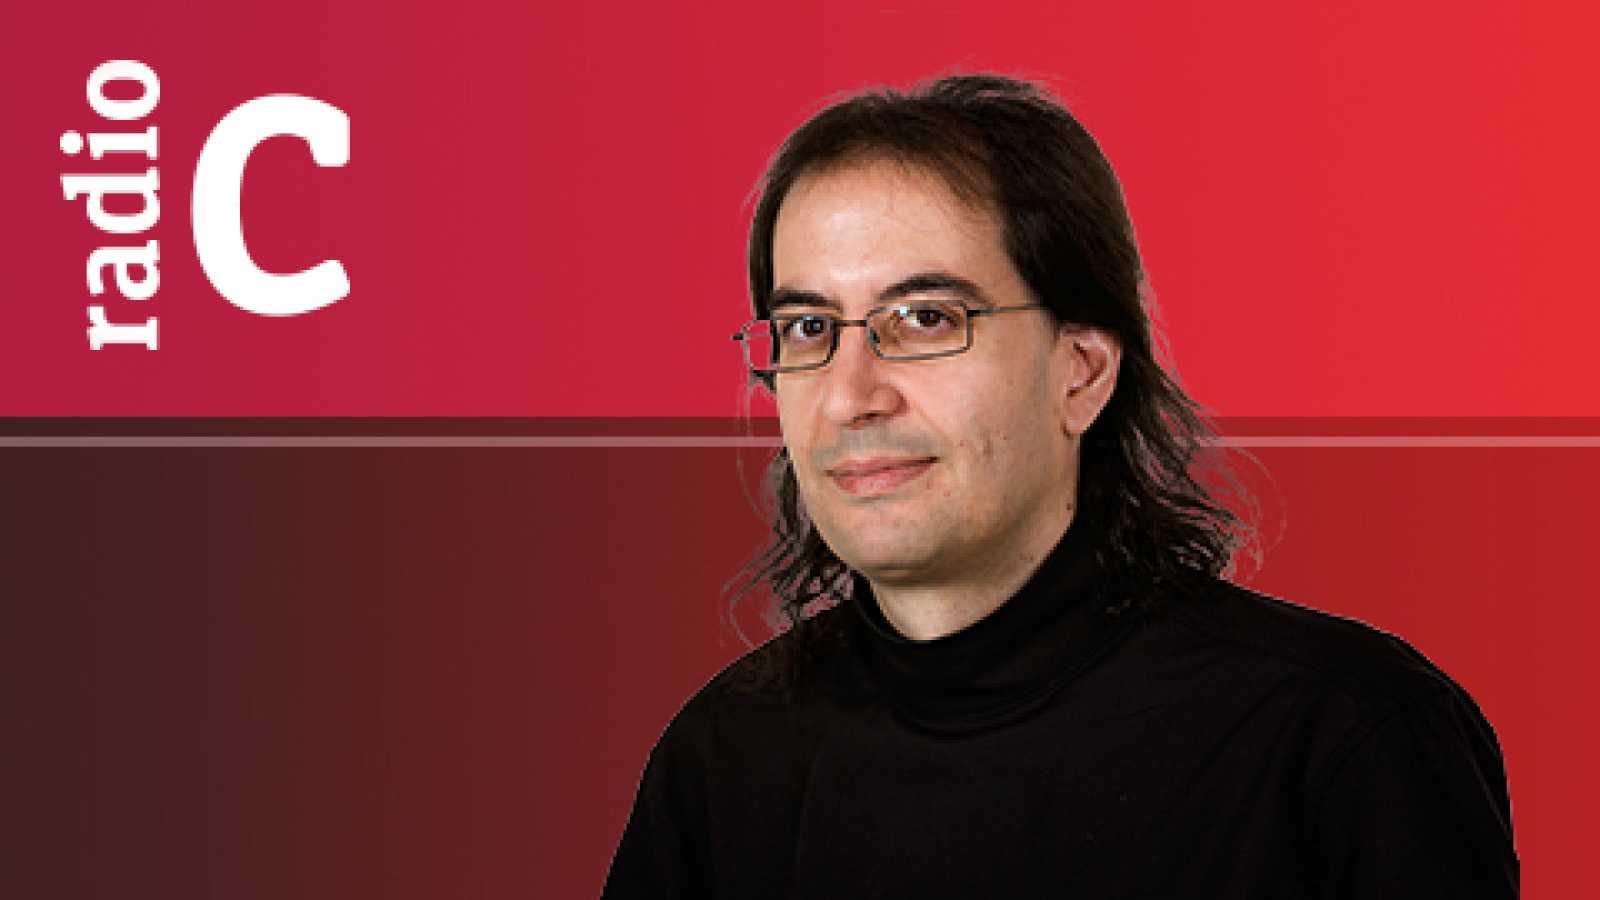 Ars sonora - Domingo Sánchez Blanco - 18/02/17 - escuchar ahora